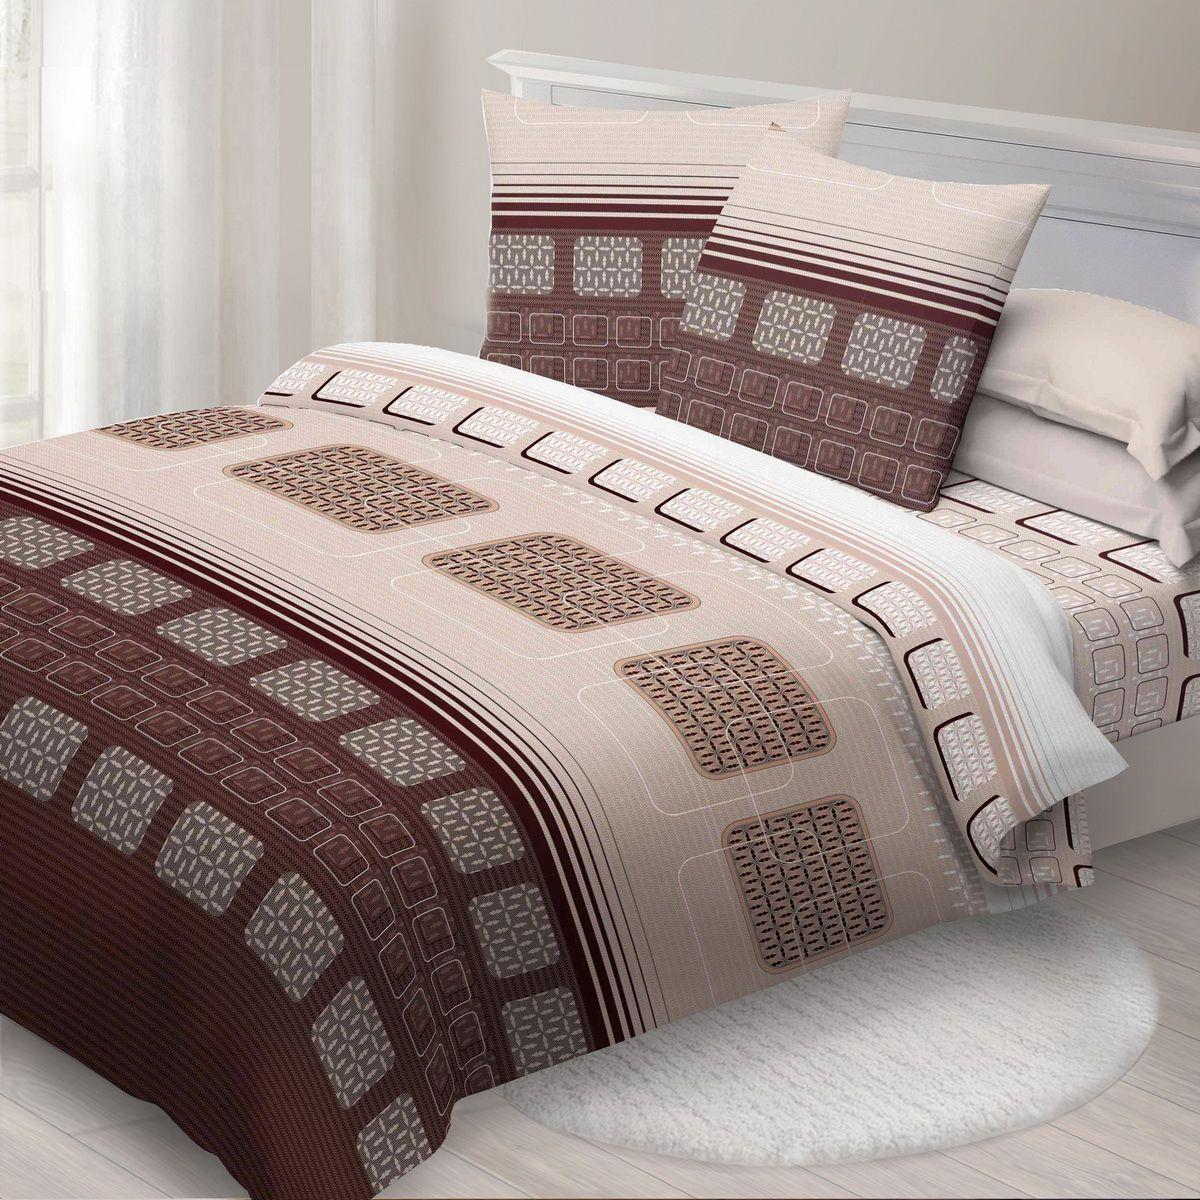 Комплект белья Спал Спалыч Синтез, 2-спальное, наволочки 70x70, цвет: коричневый01-1431-1Спал Спалыч - недорогое, но качественное постельное белье из белорусской бязи. Актуальные дизайны, авторская упаковка в сочетании с качественными материалами и приемлемой ценой - залог успеха Спал Спалыча!В ассортименте широкая линейка домашнего текстиля для всей семьи - современные дизайны современному покупателю! Ткань обработана по технологии PERFECT WAY - благодаря чему, она становится более гладкой и шелковистой.• Бязь Барановичи 100% хлопок• Плотность ткани - 125 гр/кв.м.